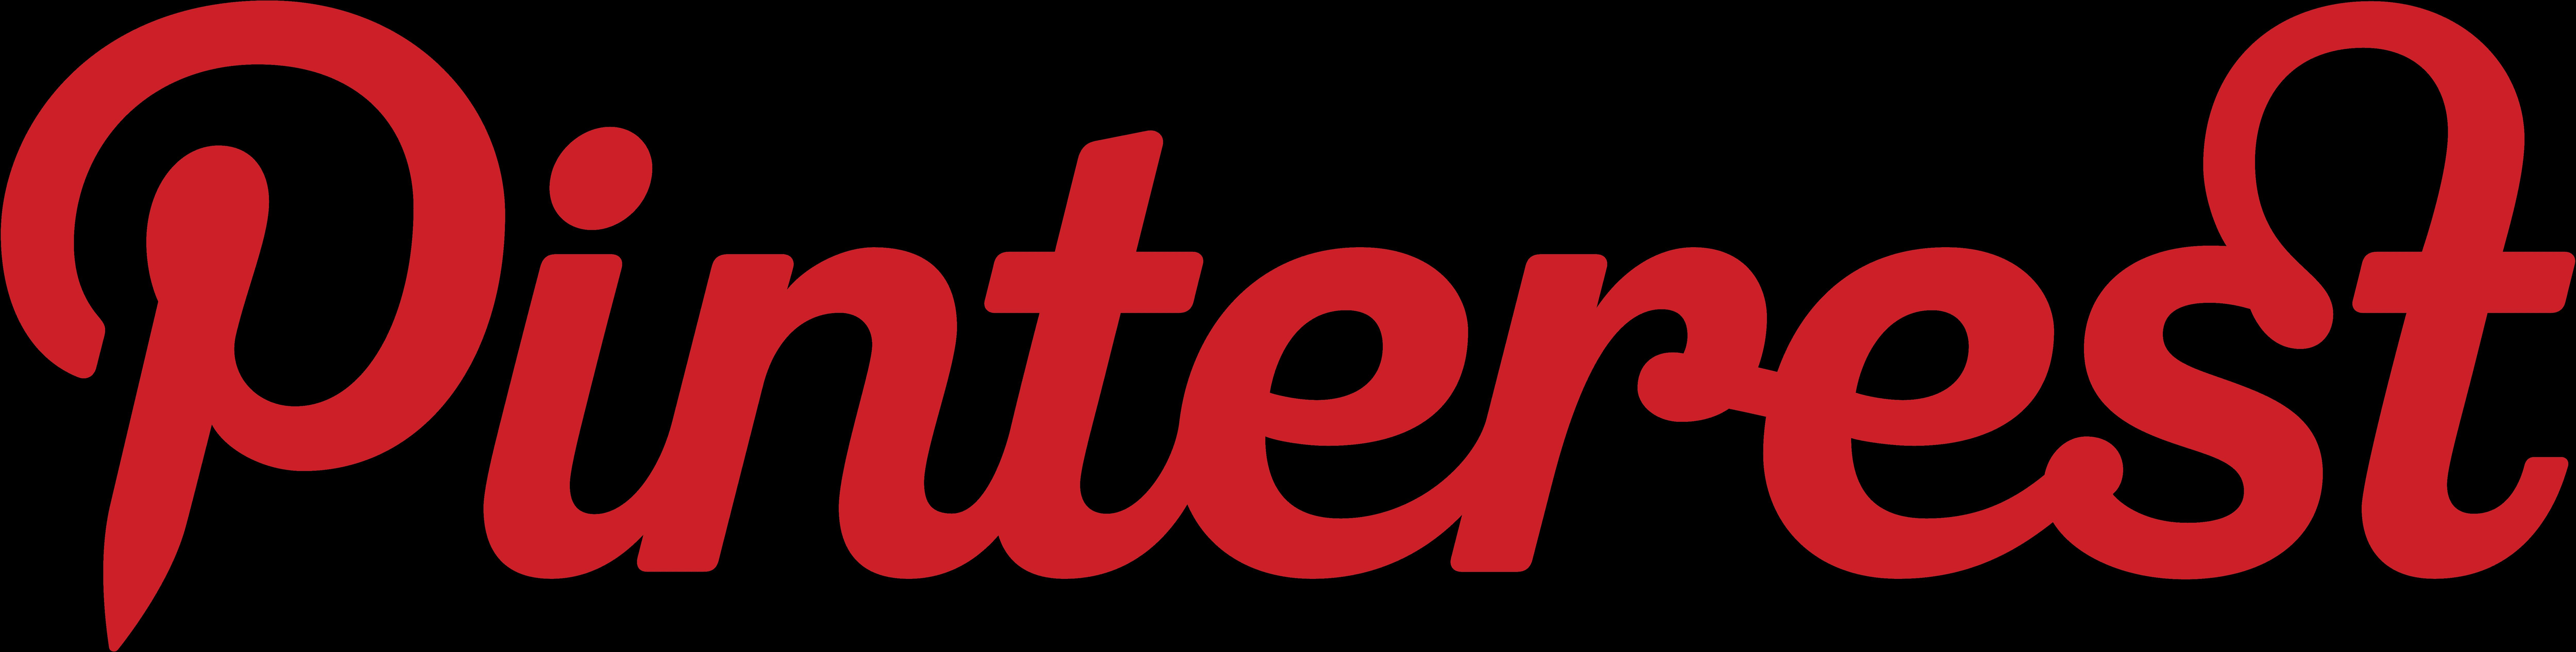 64 Tipps für erfolgreiches Marketing auf Pinterest